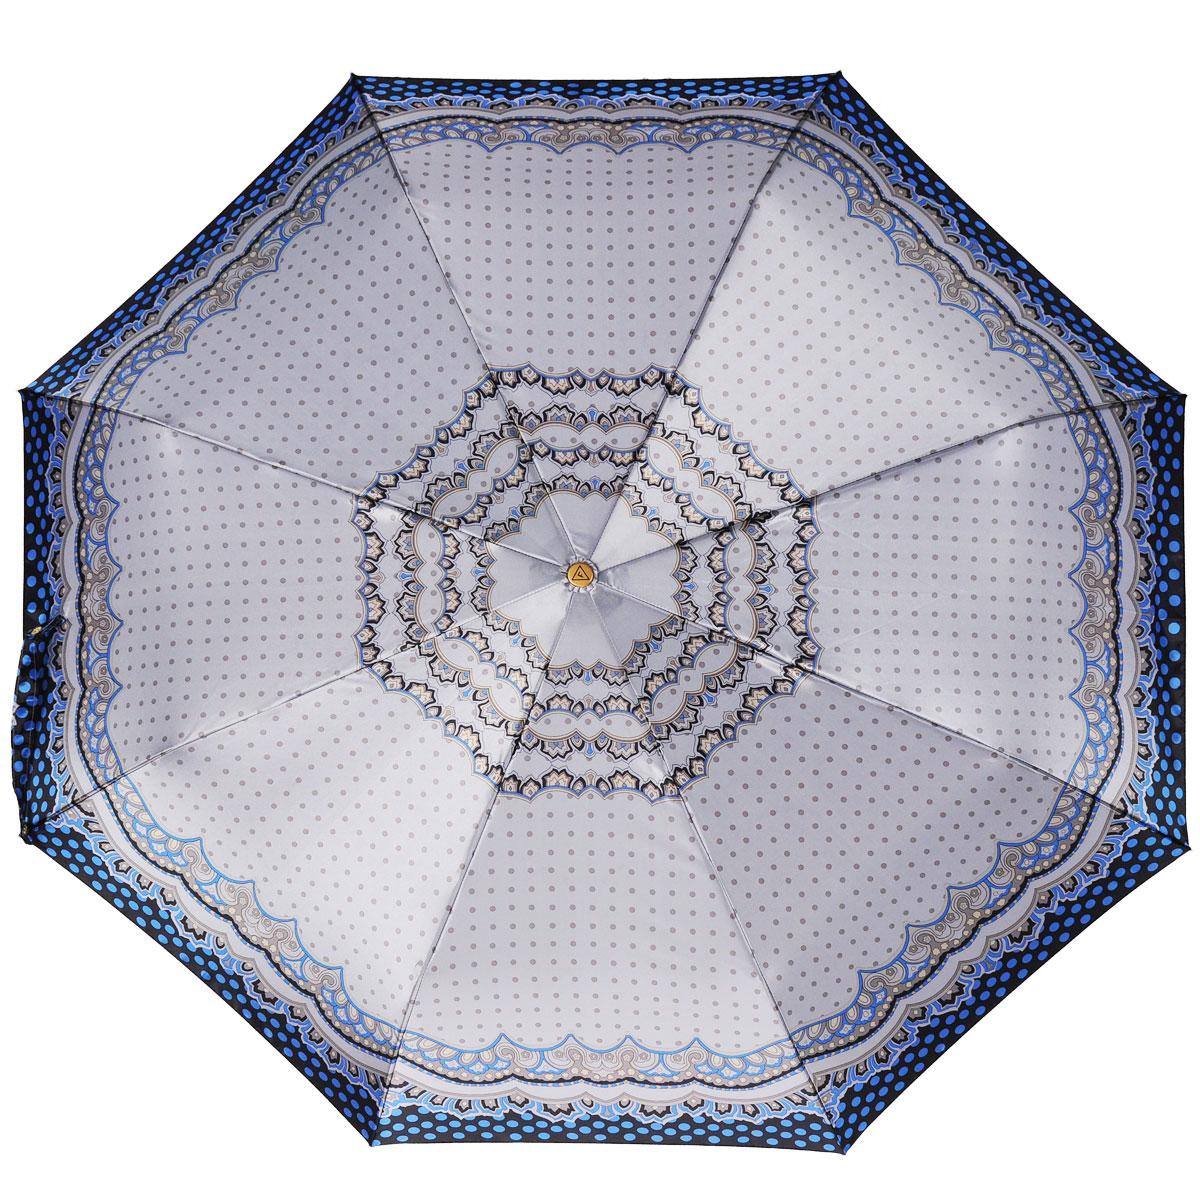 Зонт-автомат женский Fabretti, 3 сложения, цвет: серый, синий. S-15100-6Fabretti S-15100-6Классический зонт торговой марки Fabretti, изготовленный из качественных материалов, идеально подойдет для девушек и женщин любых возрастов. Купол зонтика выполнен из полиэстера, обработанного водоотталкивающей пропиткой, и оформлен орнаментом в горох. Каркас зонта изготовлен из восьми металлических спиц, стержня и ручки с полиуретановым покрытием, разработанной с учетом эргономических требований. Зонт оснащен полным автоматическим механизмом в три сложения. Купол открывается и закрывается нажатием кнопки на рукоятке, благодаря чему открыть и закрыть зонт можно одной рукой, что чрезвычайно удобно при входе в транспорт или помещение, стержень складывается вручную до характерного щелчка. Рукоятка зонта для удобства оснащена шнурком-резинкой, позволяющим при необходимости надеть зонт на руку. Компактные размеры зонта в сложенном виде позволят ему без труда поместиться в сумочке. Зонт поставляется в чехле на молнии. Женский зонт Fabretti не только...